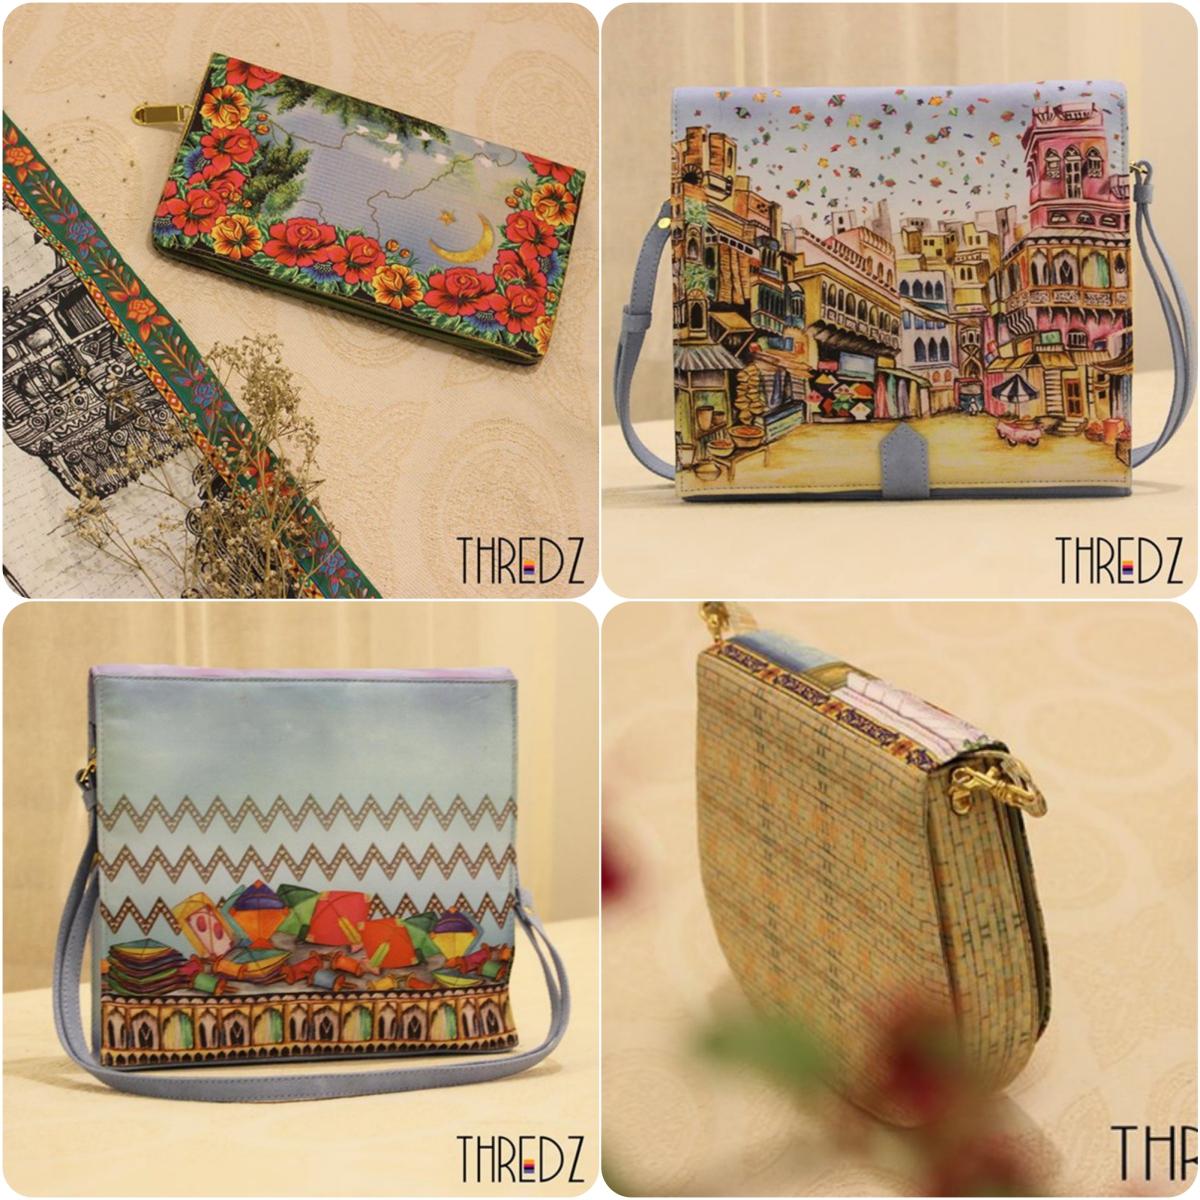 484a55797a05 Handbags Collection By Thredz For Women 2018